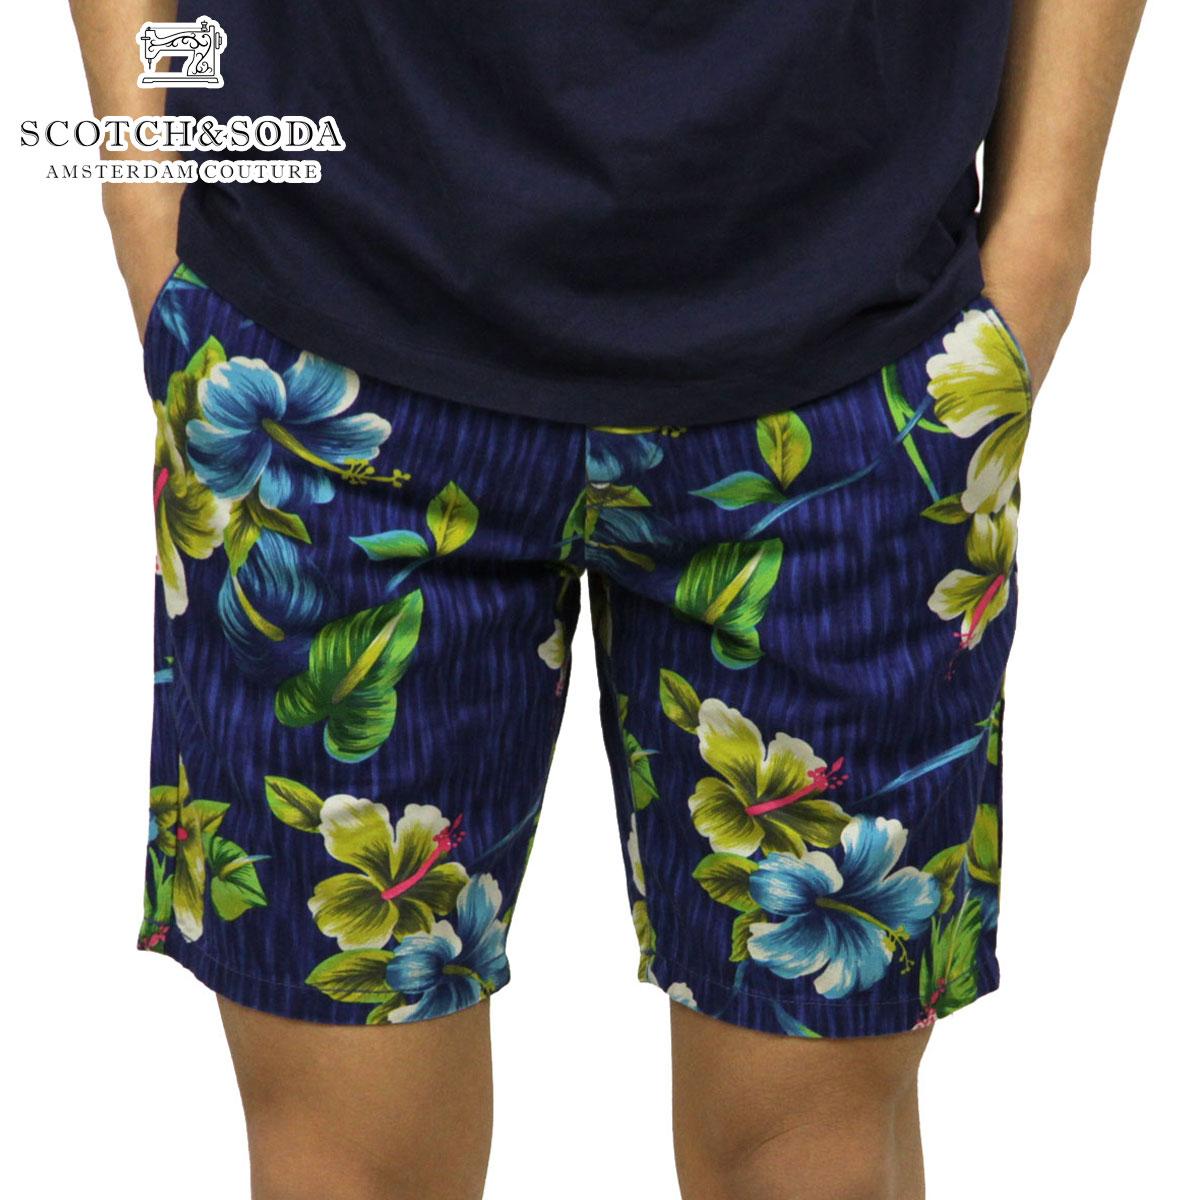 スコッチアンドソーダ SCOTCH&SODA 正規販売店 メンズ ショートパンツ Cotton/linen slub beach short 81121 D D15S25